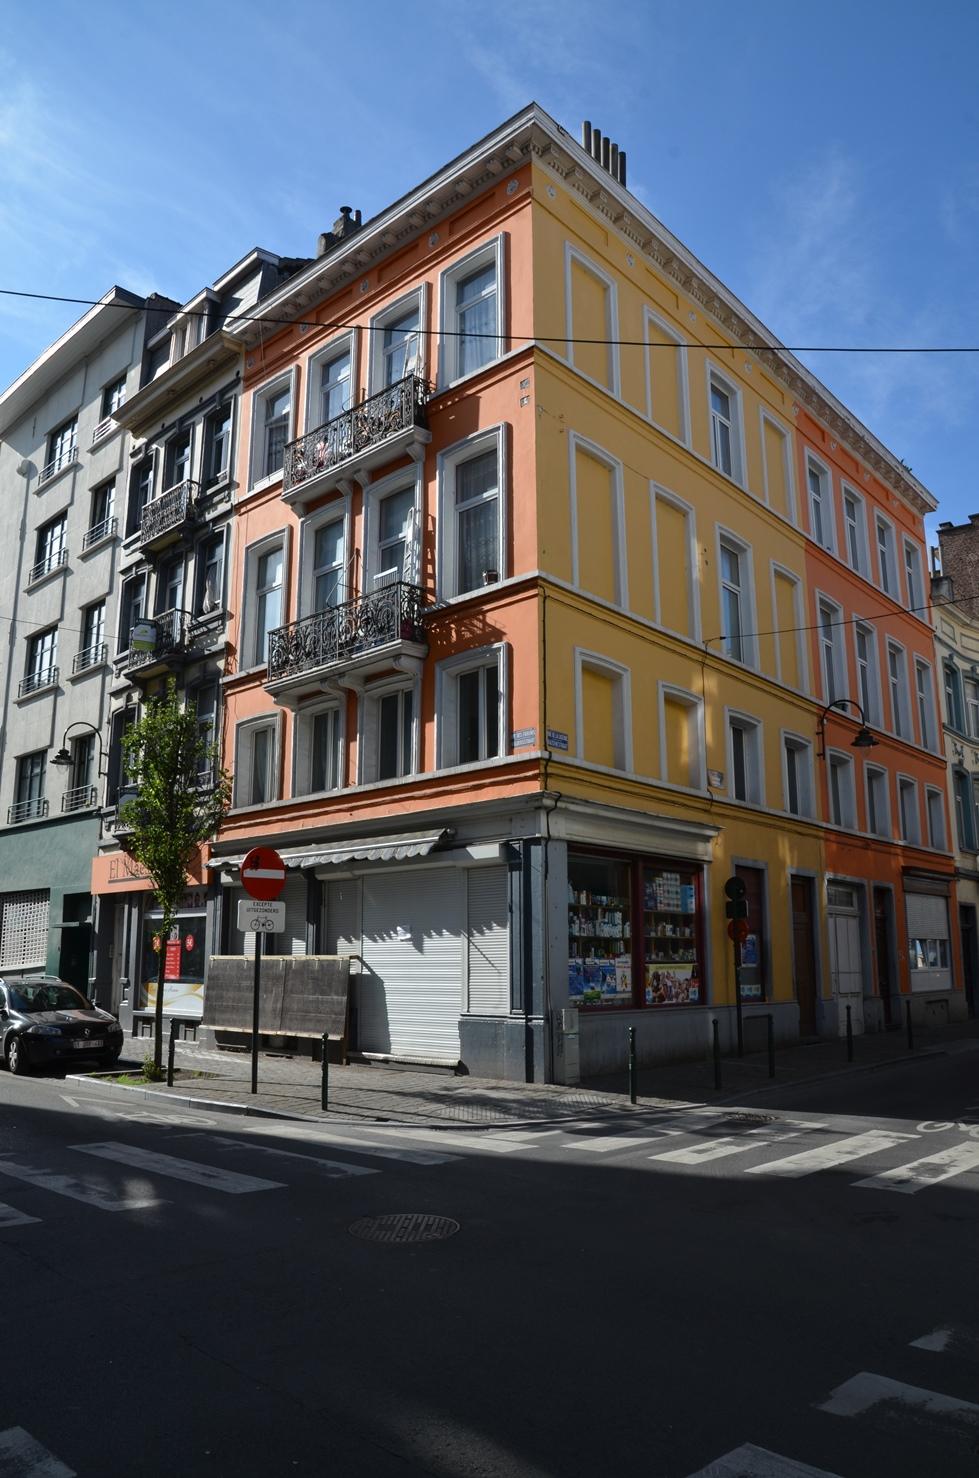 Angle Rue de la Caserne 52-54 - Rue des Foulons 6-8, 2015